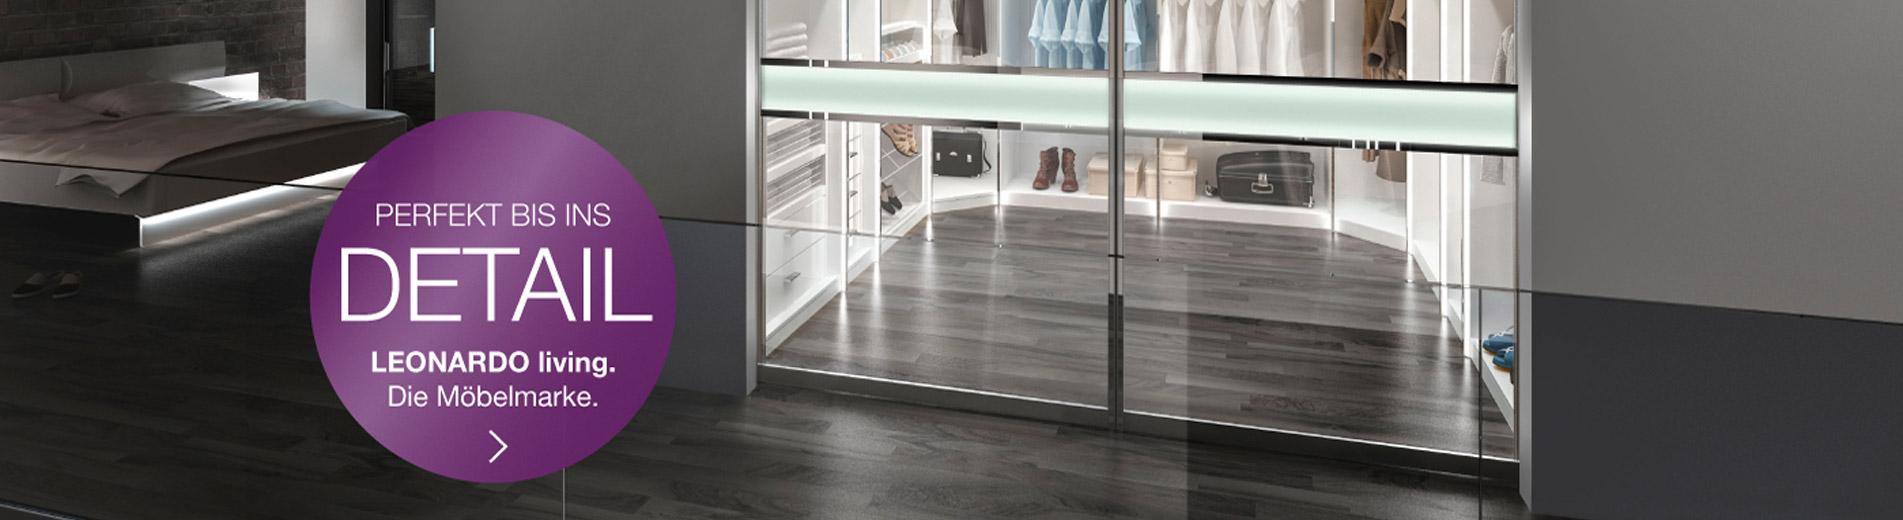 LEONARDO Living - Raumteiler